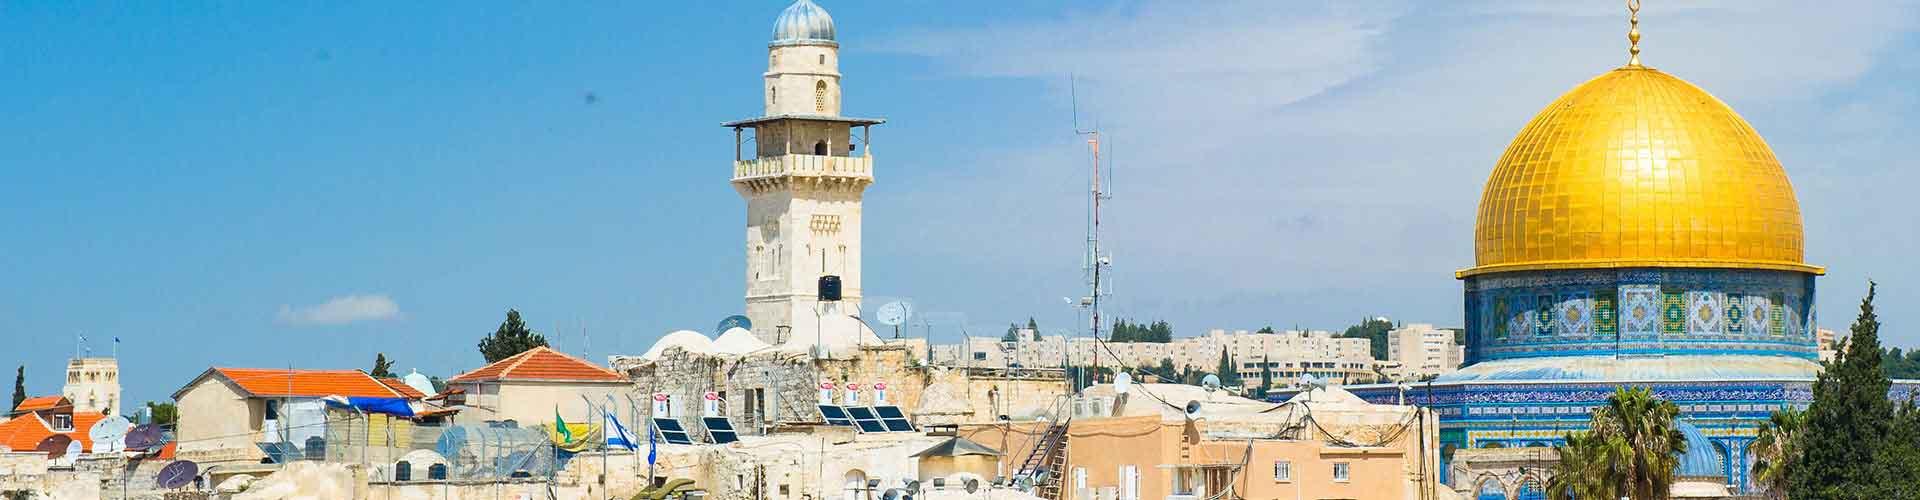 Jerusalén - Hostales en el distrito Nahalat Shiv'a. Mapas de Jerusalén, Fotos y comentarios de cada Hostal en Jerusalén.